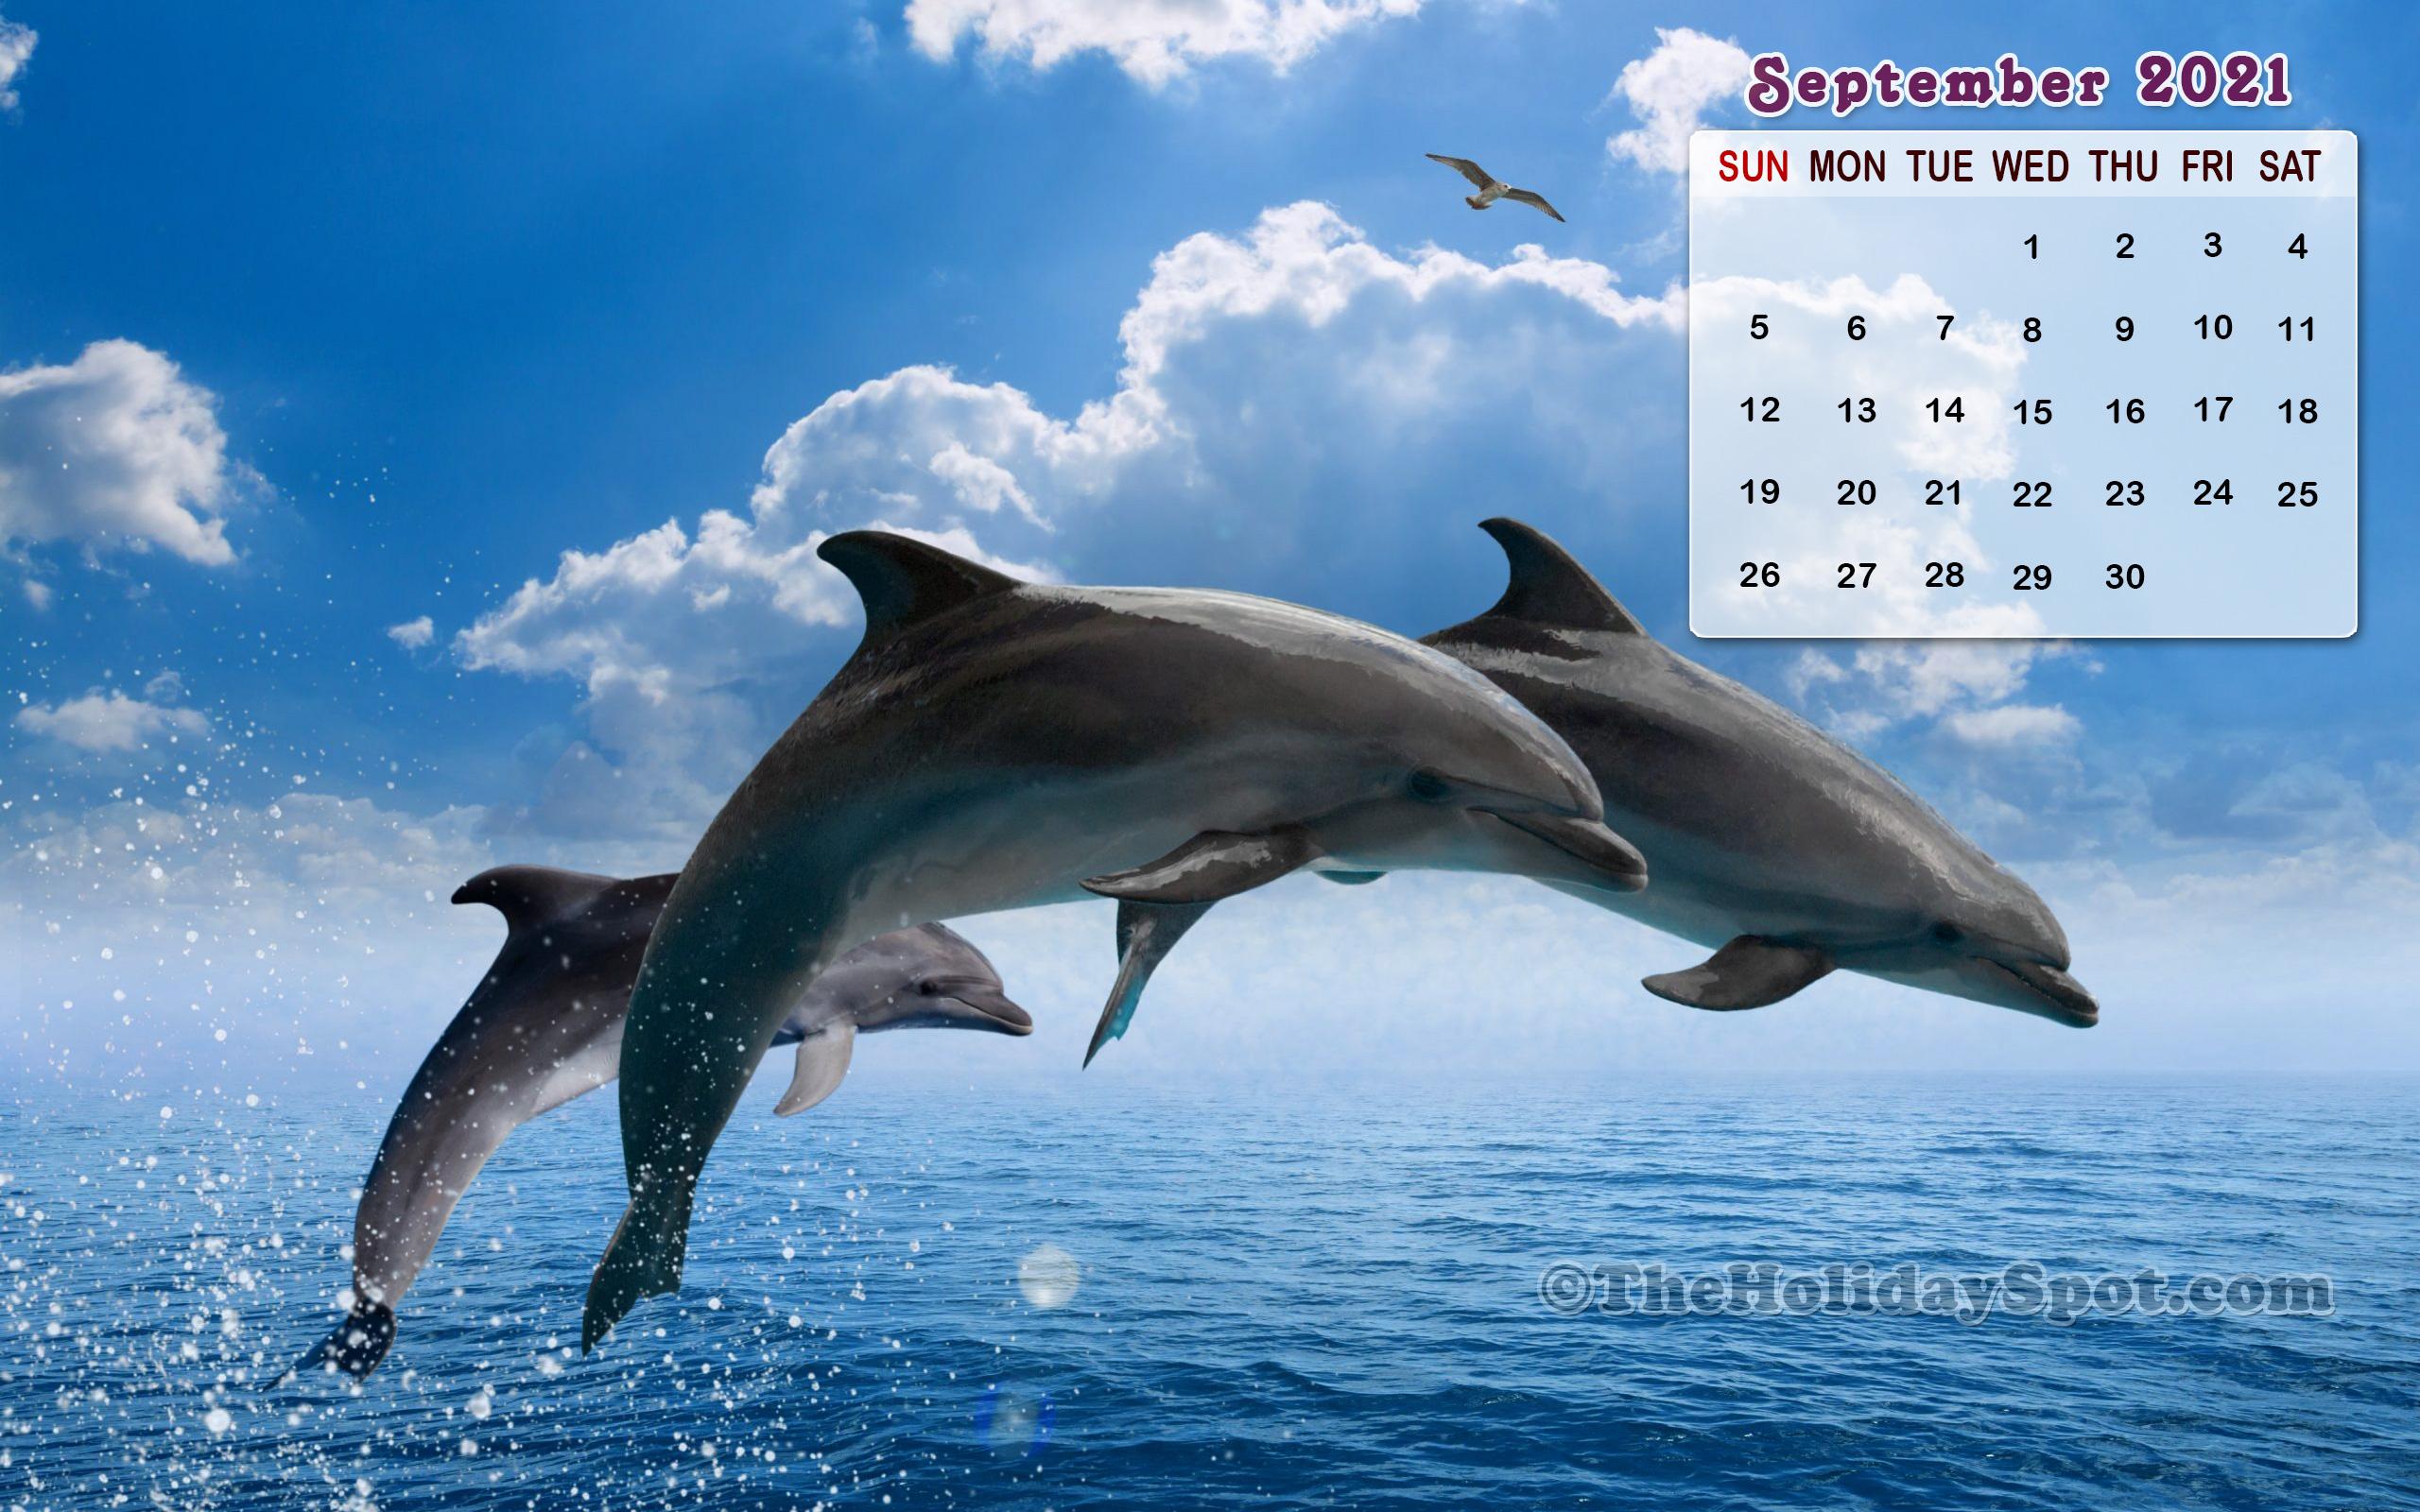 September 2021 Calendar Wallpaper   Wallpapers from TheHolidaySpot 2560x1600